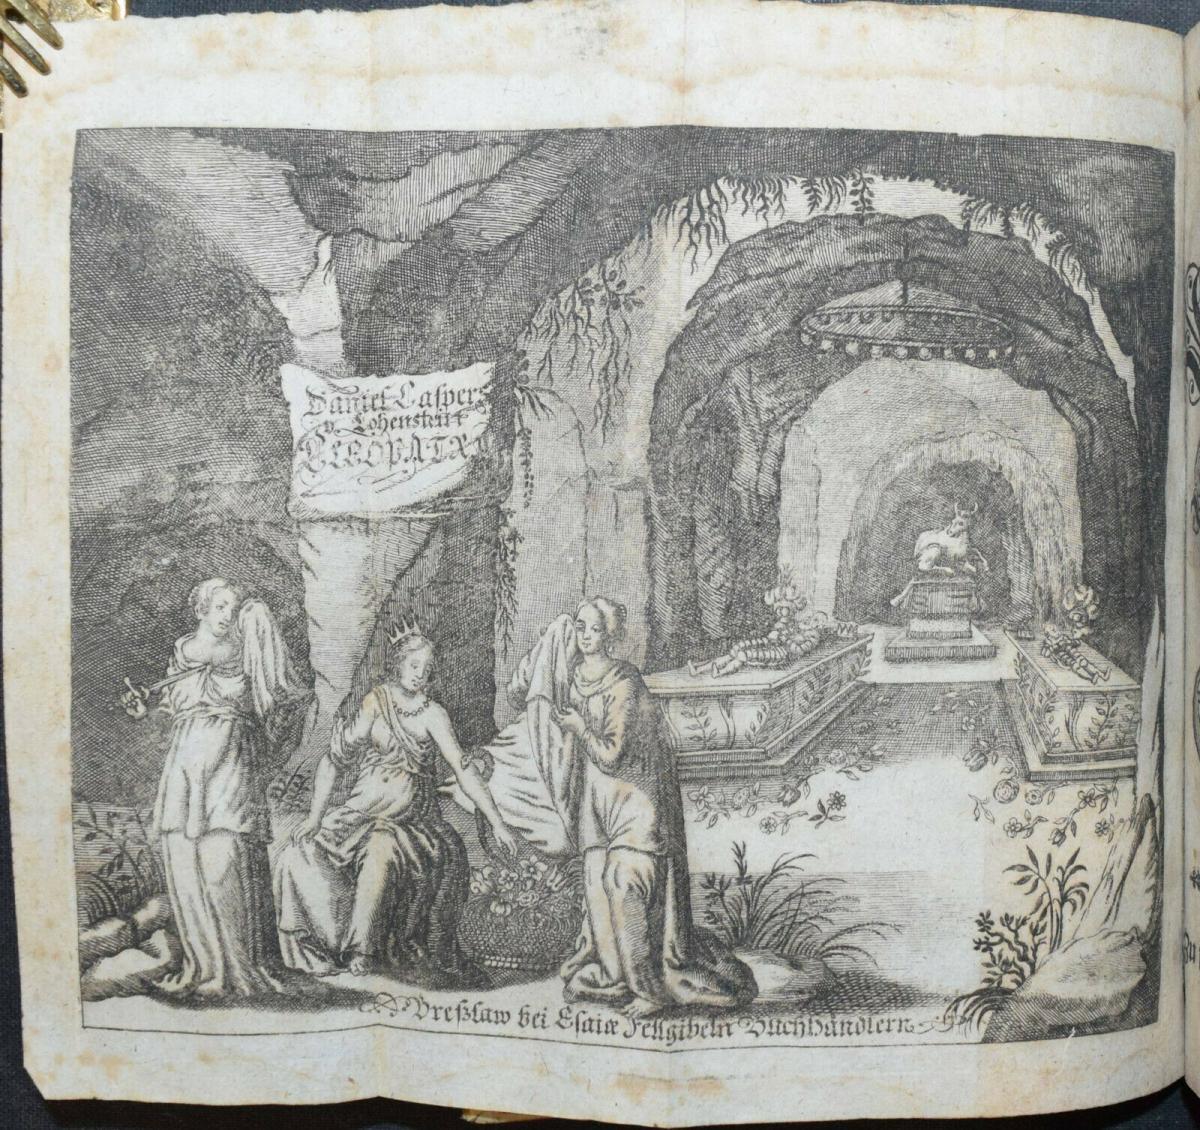 CLEOPATRA - DANIEL LOHENSTEIN - SAMMELBAND 1679 - 1724 - THEATERSTÜCKE - DRAMEN 4